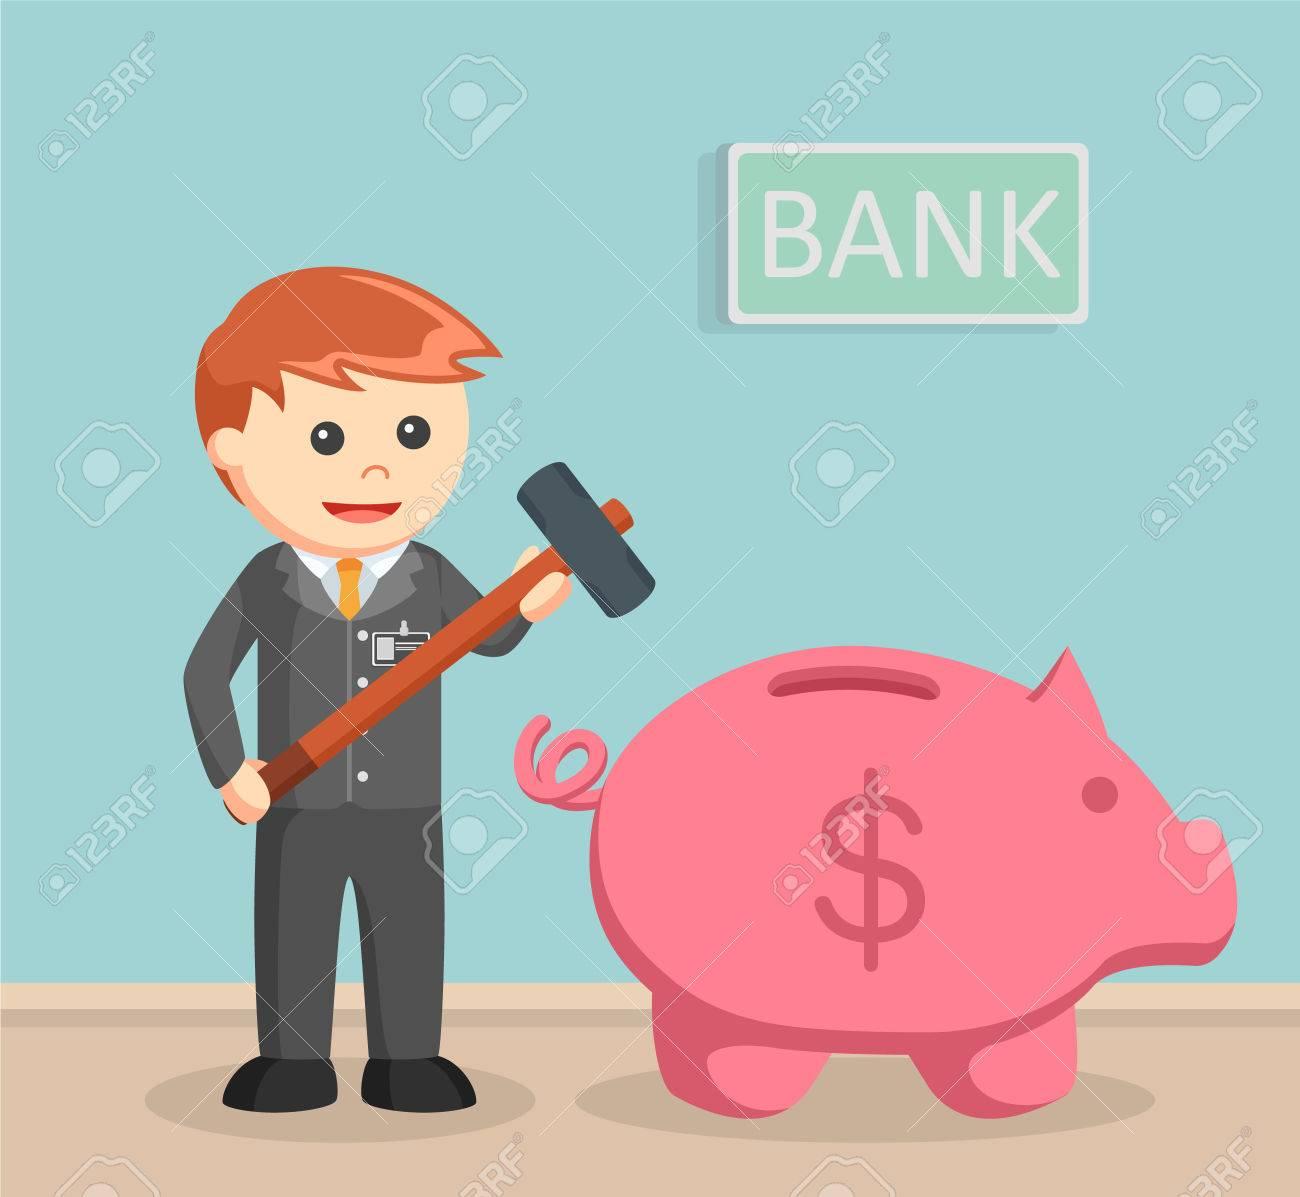 Bank teller want to break piggy bank - 71900571